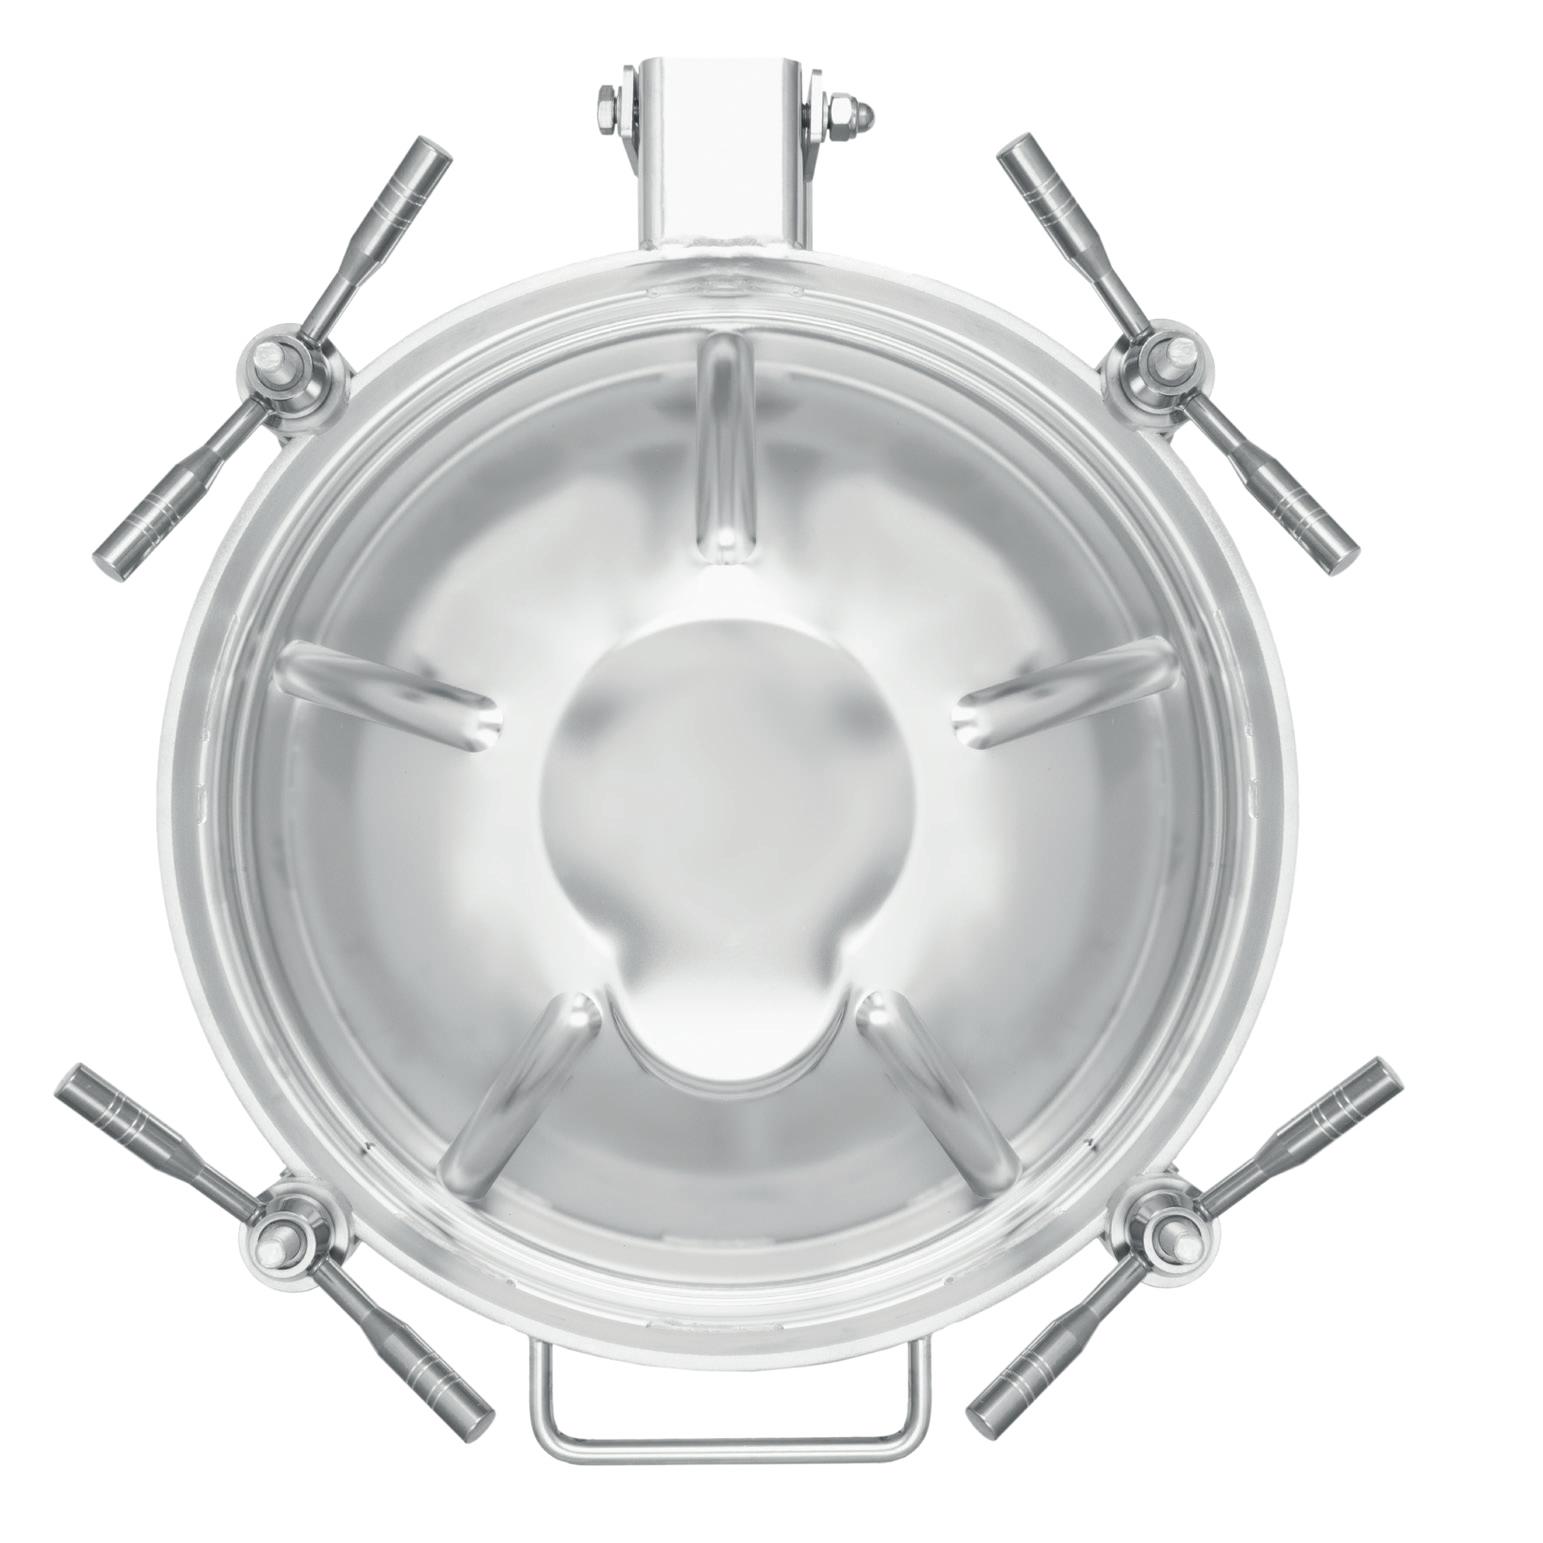 accessori-per-serbatoi-inox-chiusino-diametro-400-a-pressione